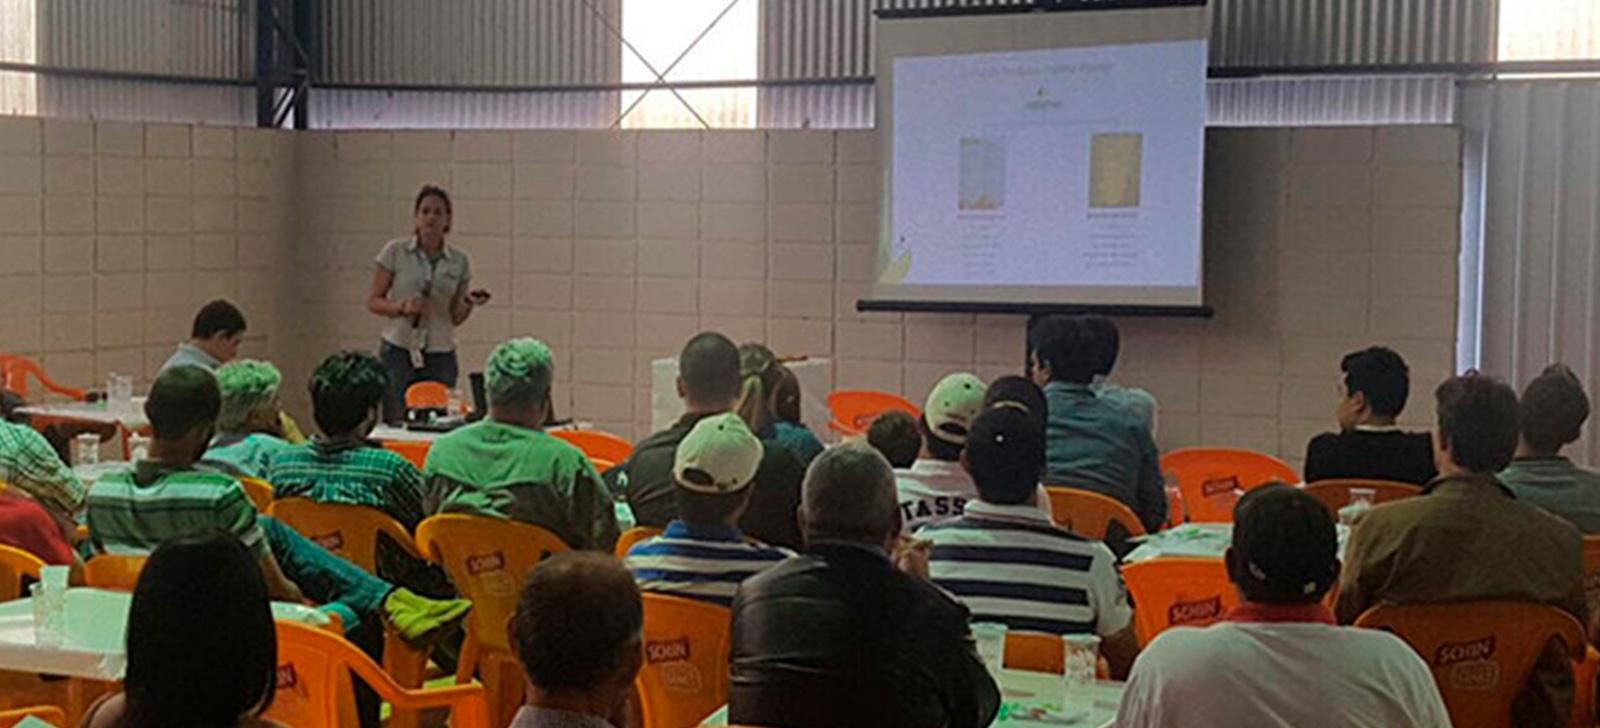 promip manejo integrado de pragas controle biologico caminhos para uma agricultura mais sustentavel e segura (4)